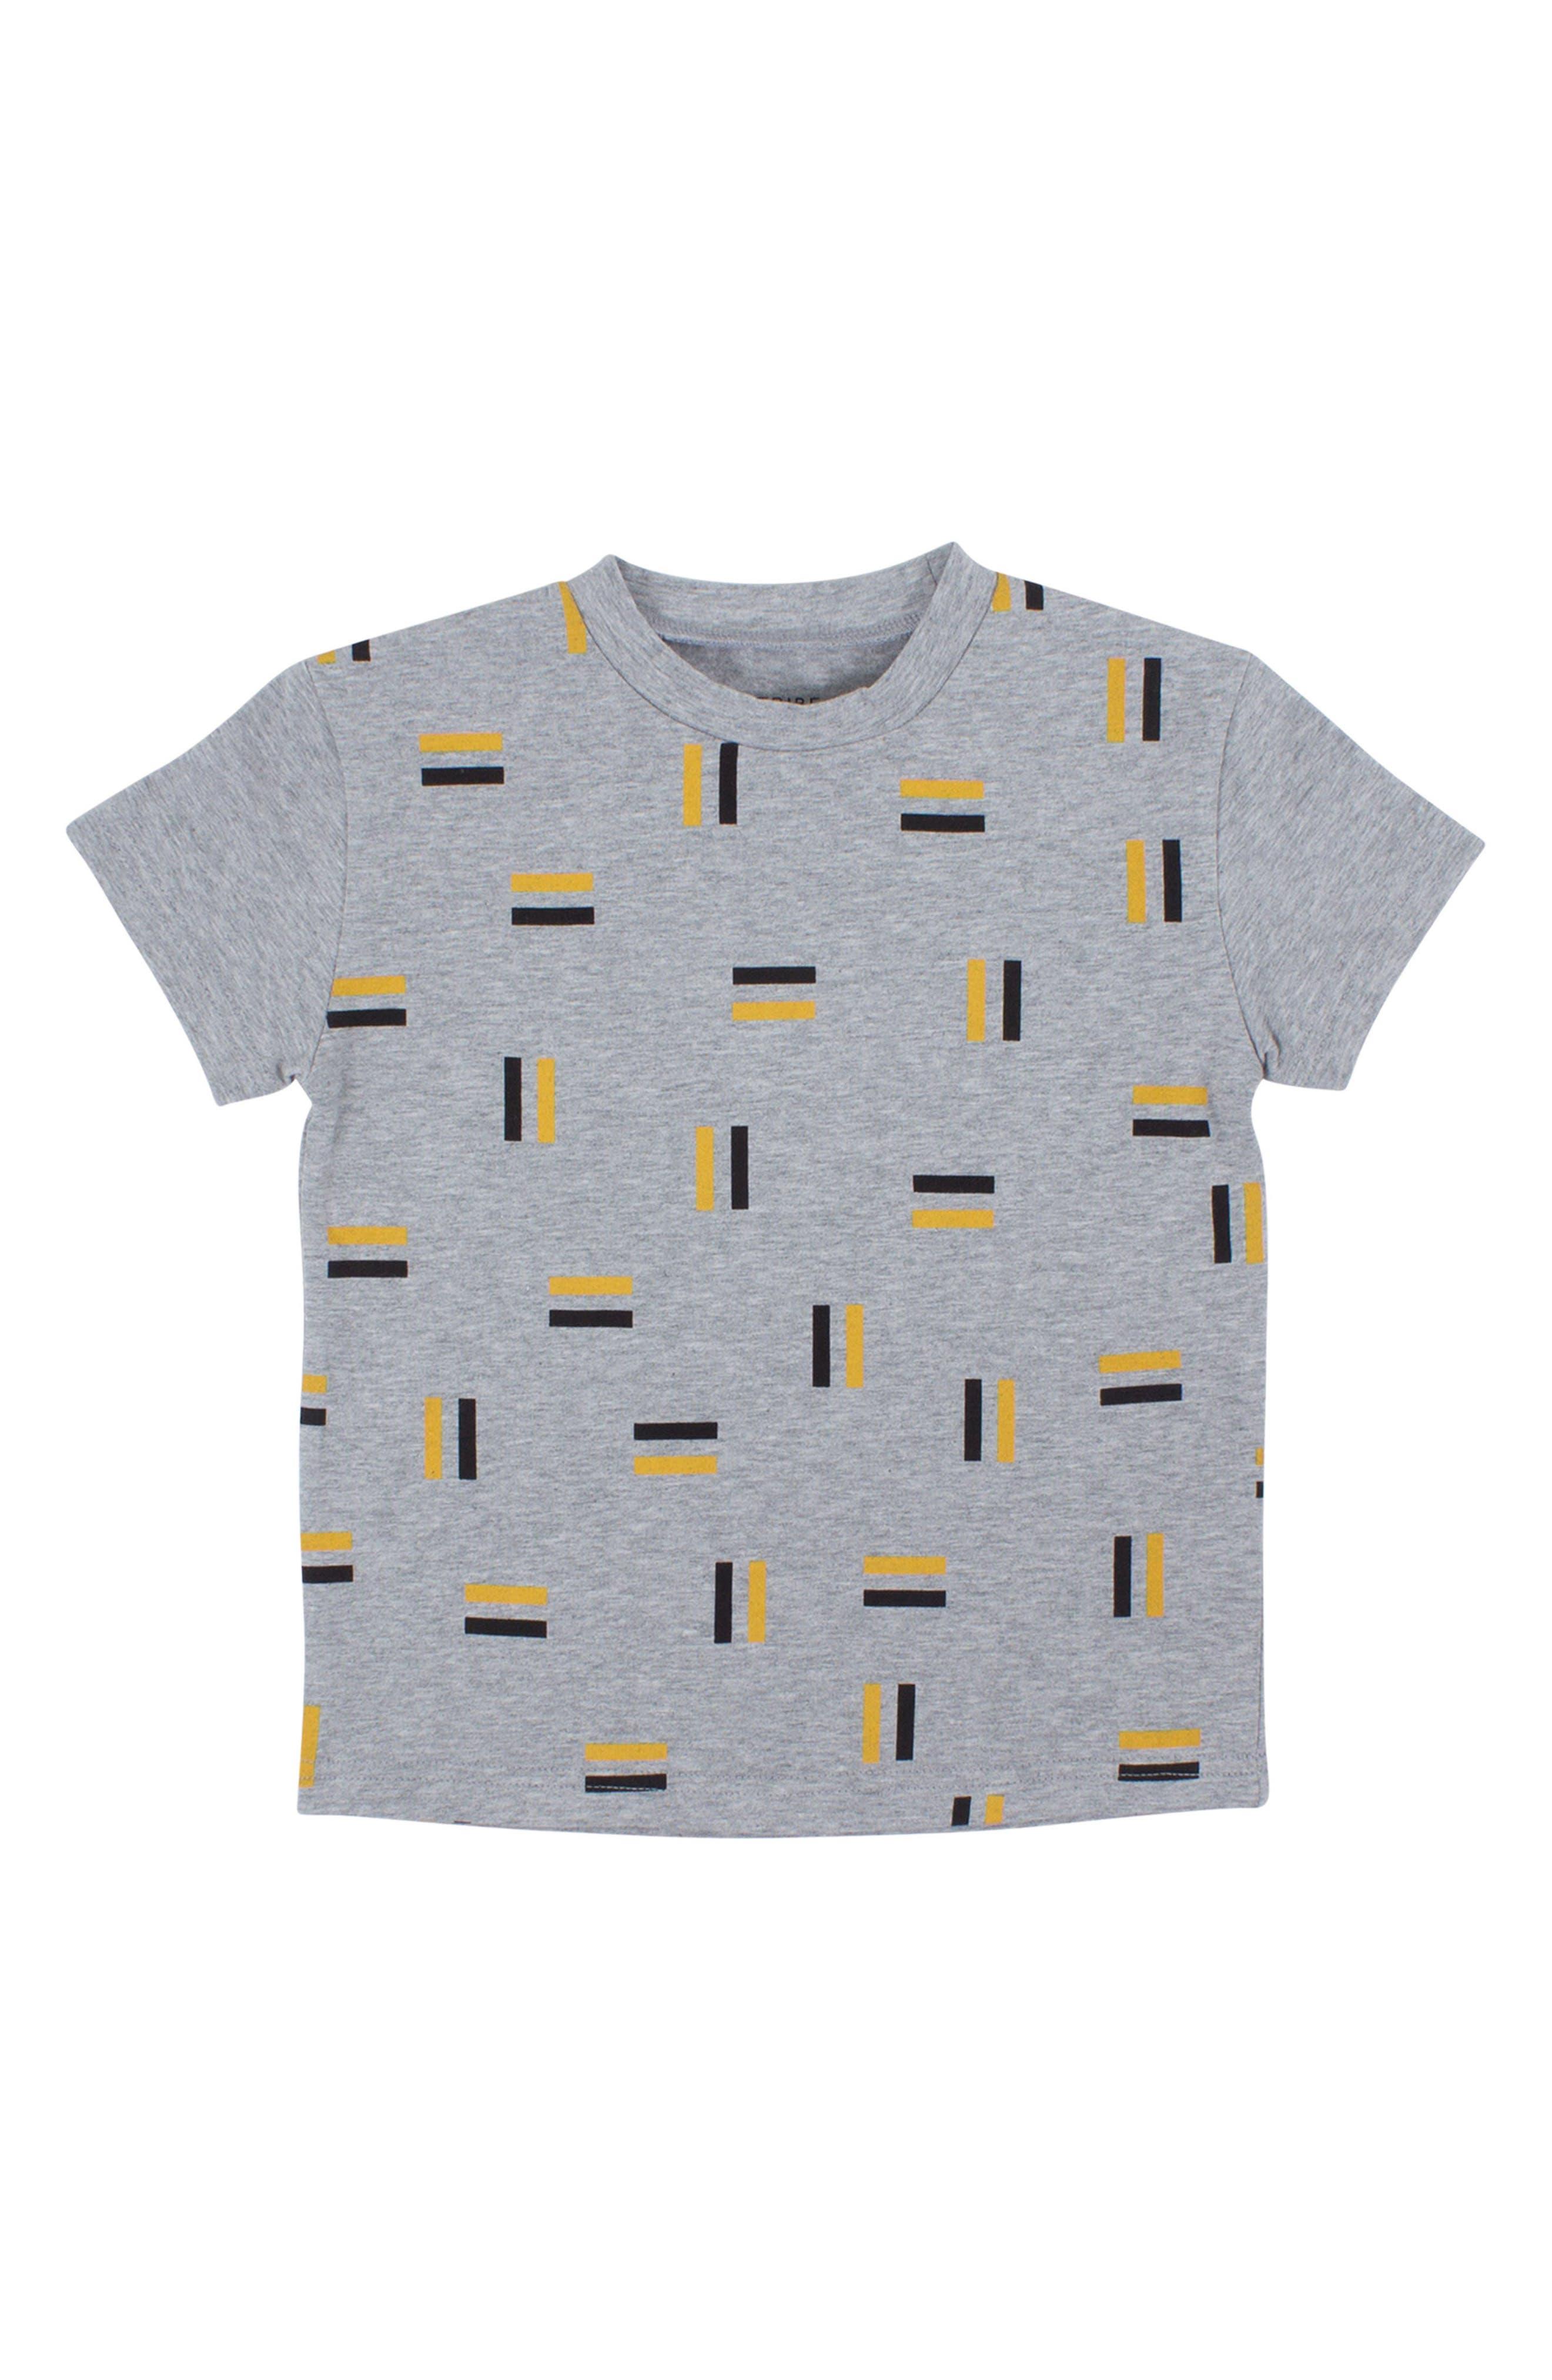 Pause T-Shirt,                             Main thumbnail 1, color,                             Grey